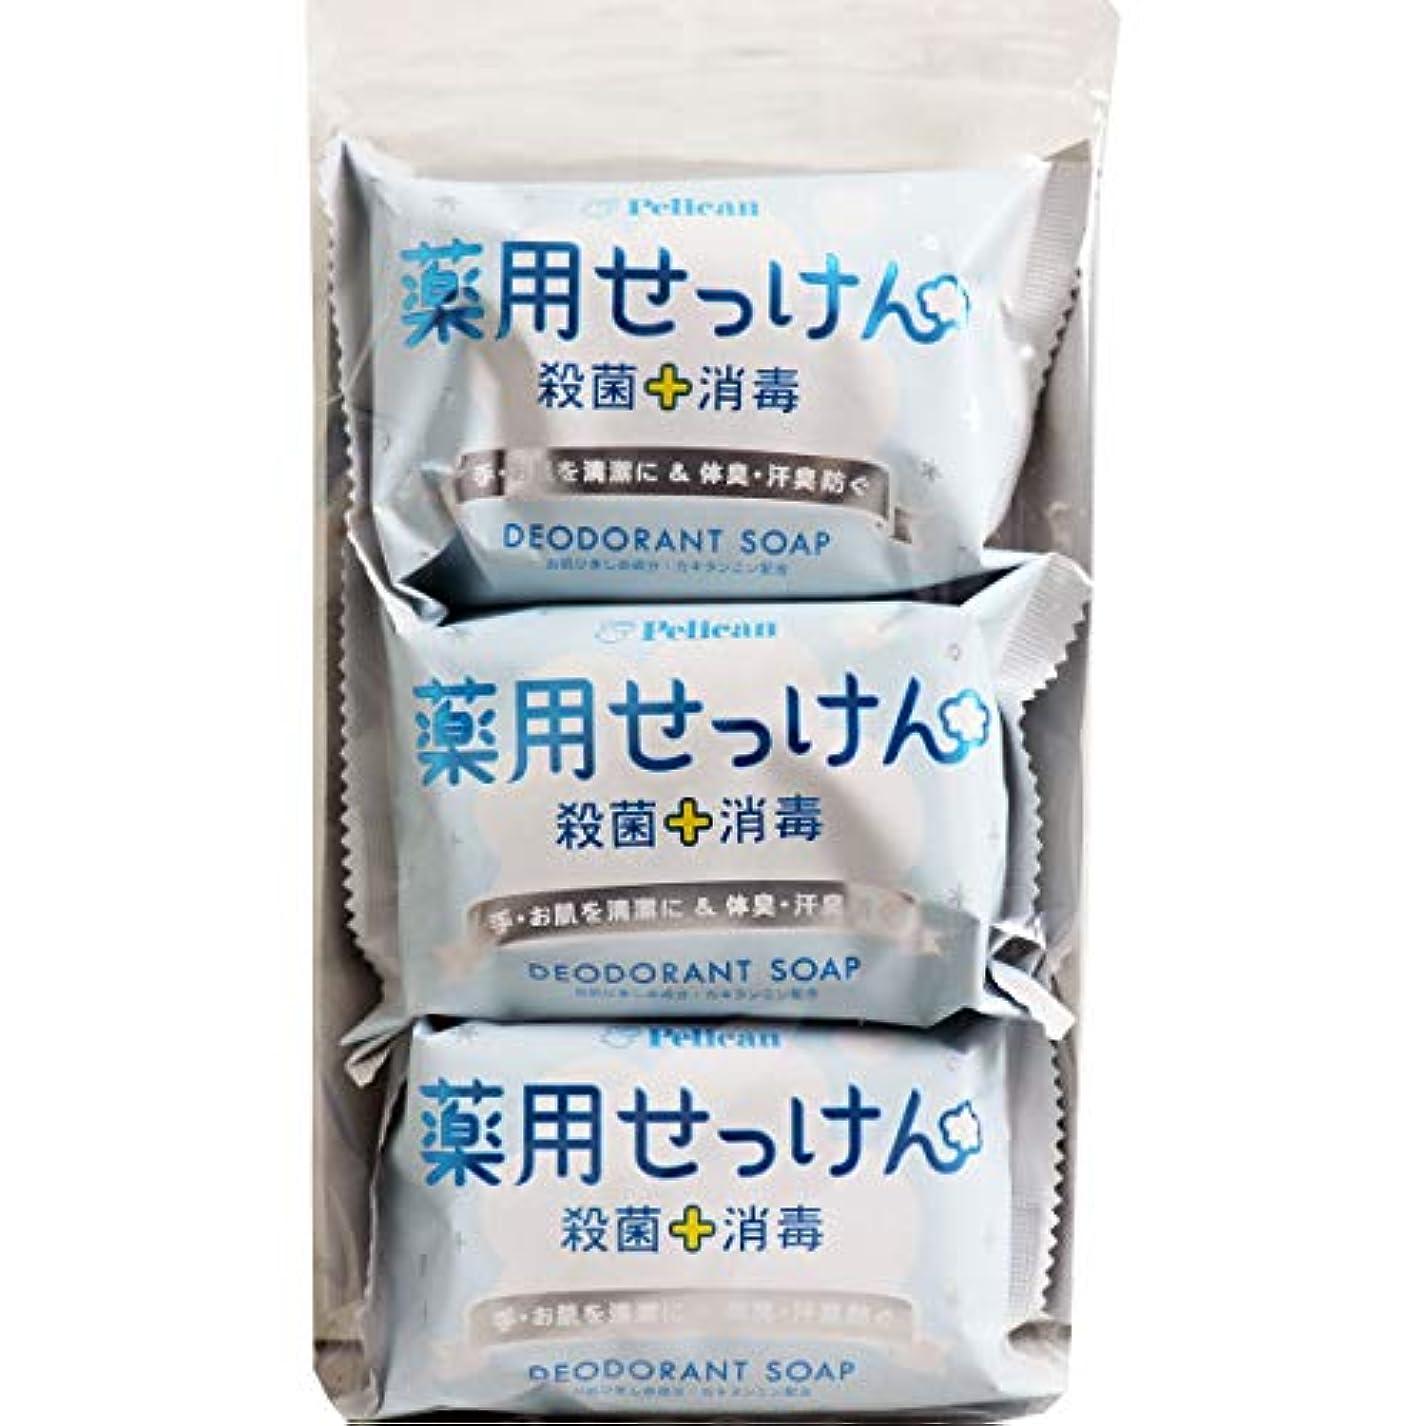 つかむバケツお手伝いさんペリカン石鹸 薬用石けん 85g×3個×4パック